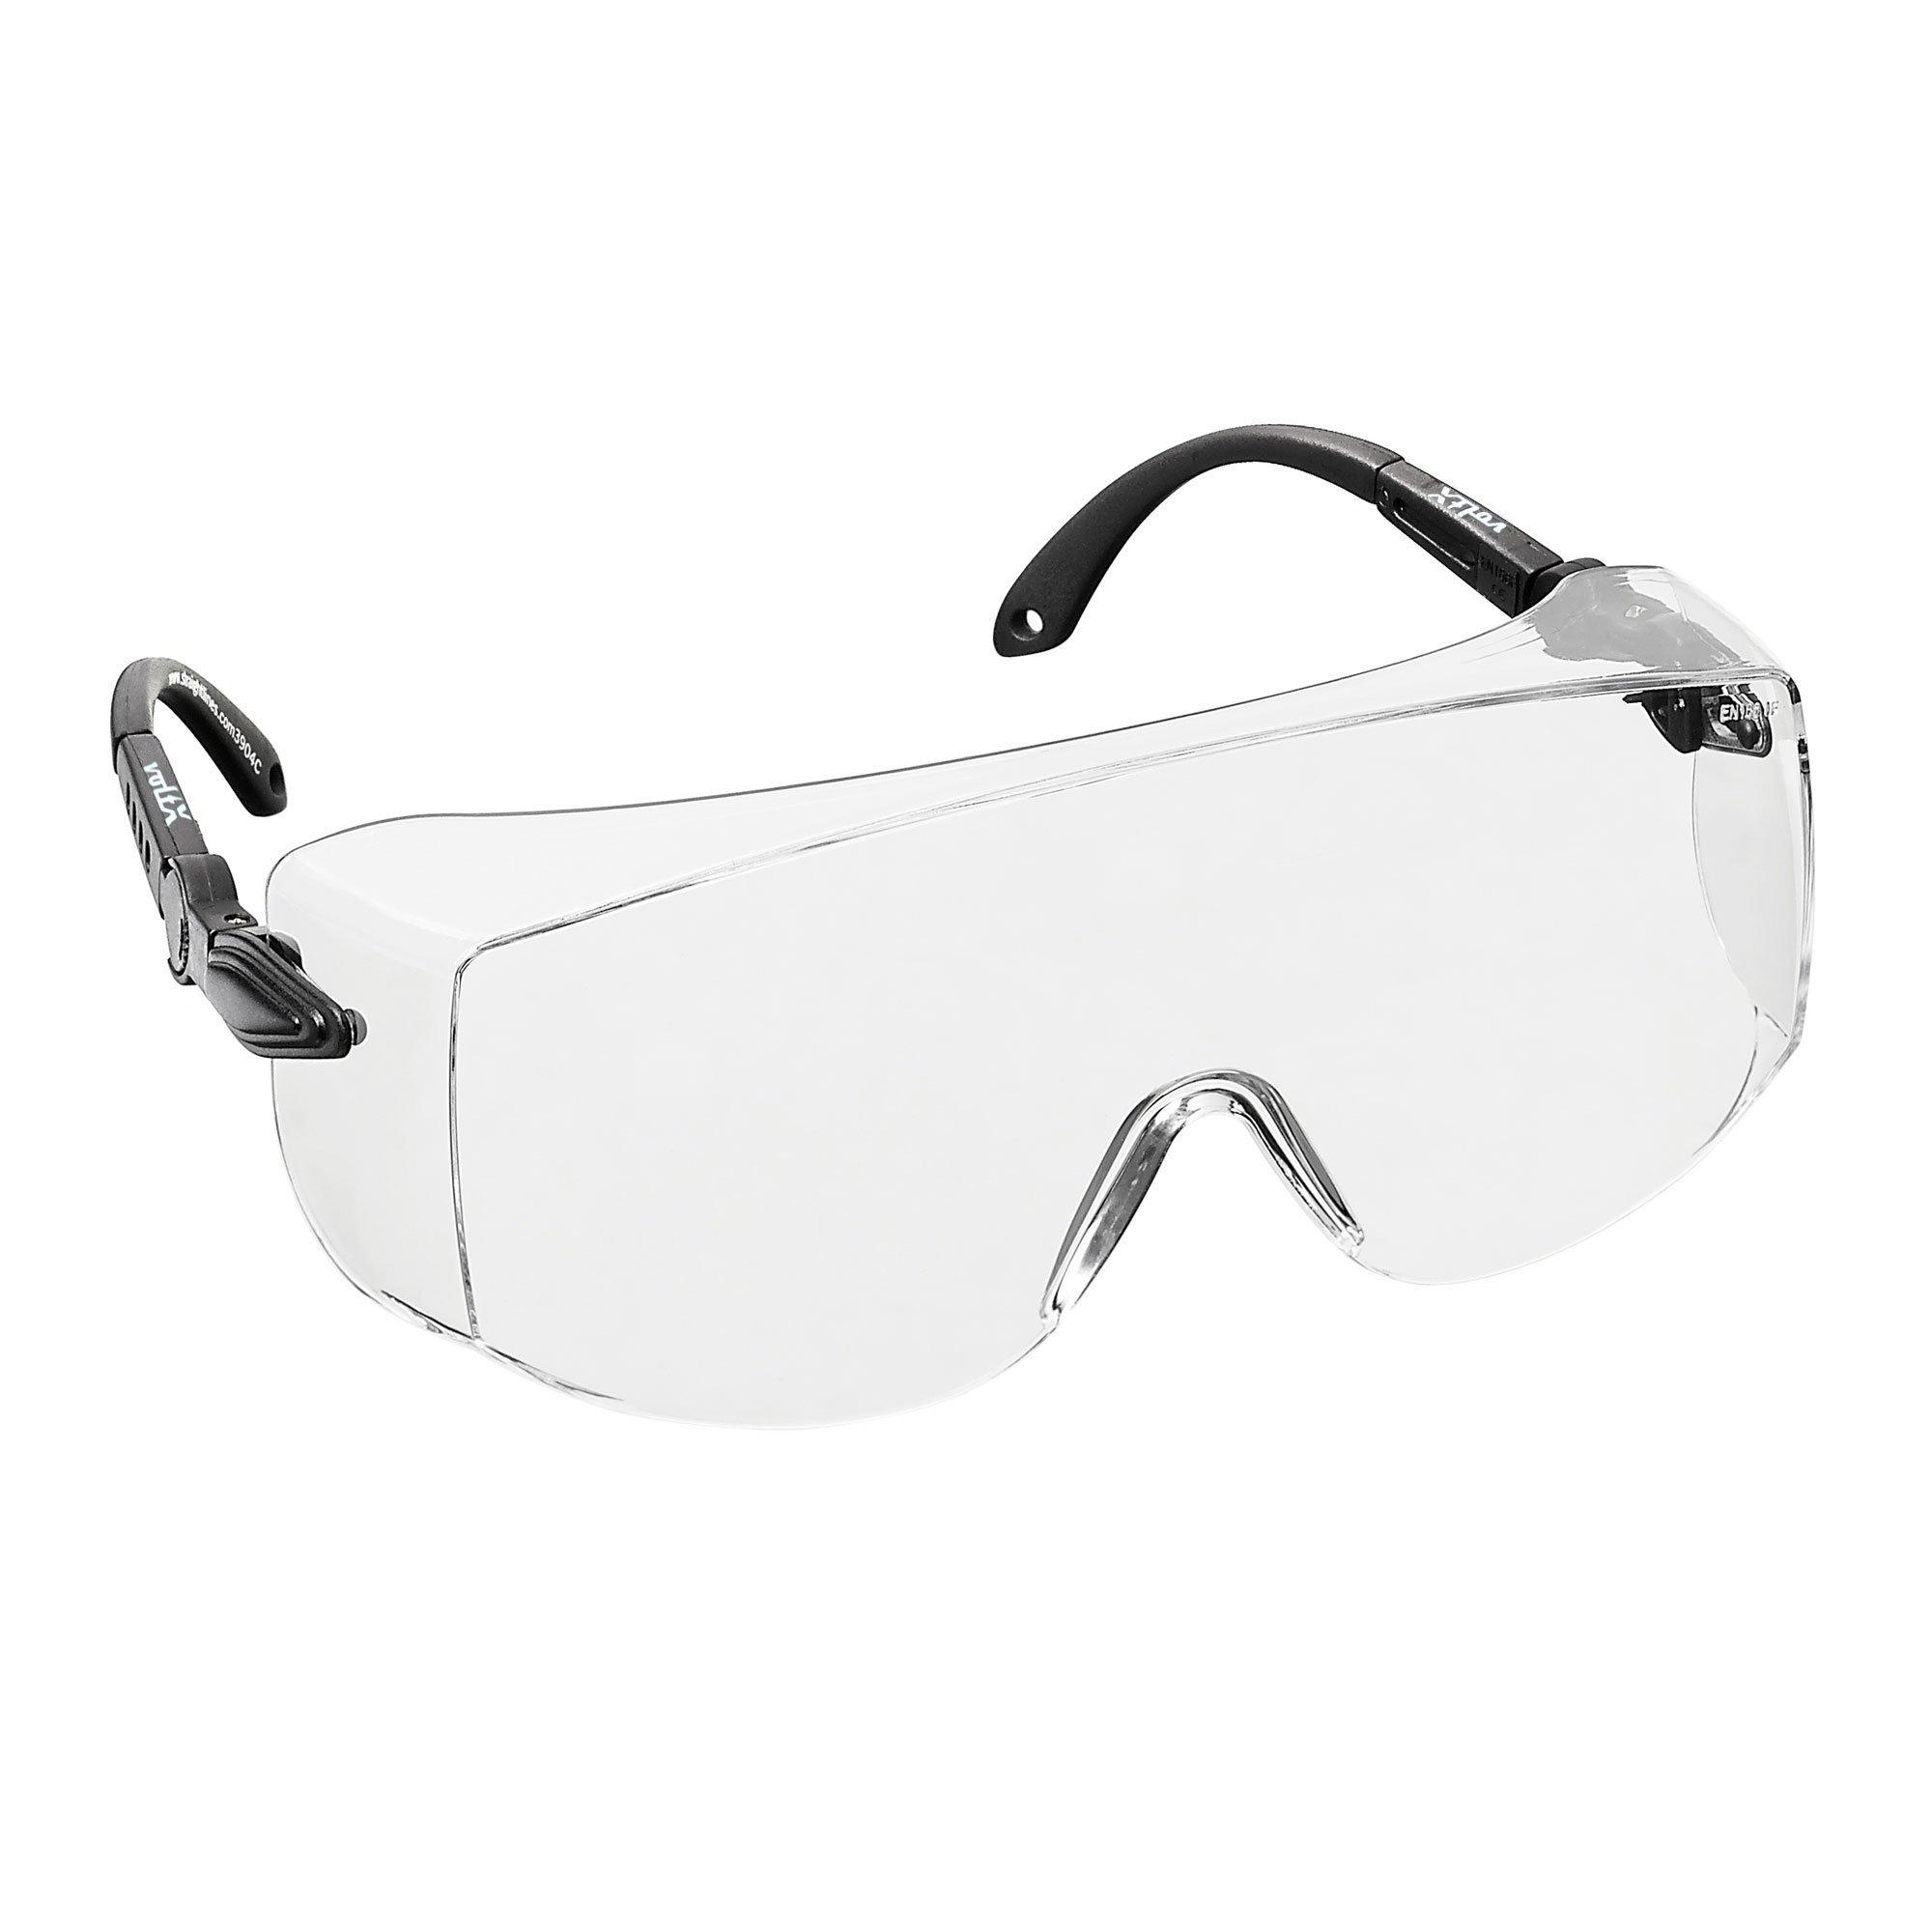 1ef6b1fbd2 voltX 'OVERSPECS' Sobremontura para Gafas de Seguridad Industrial (Lentes  Transparentes) con certificación